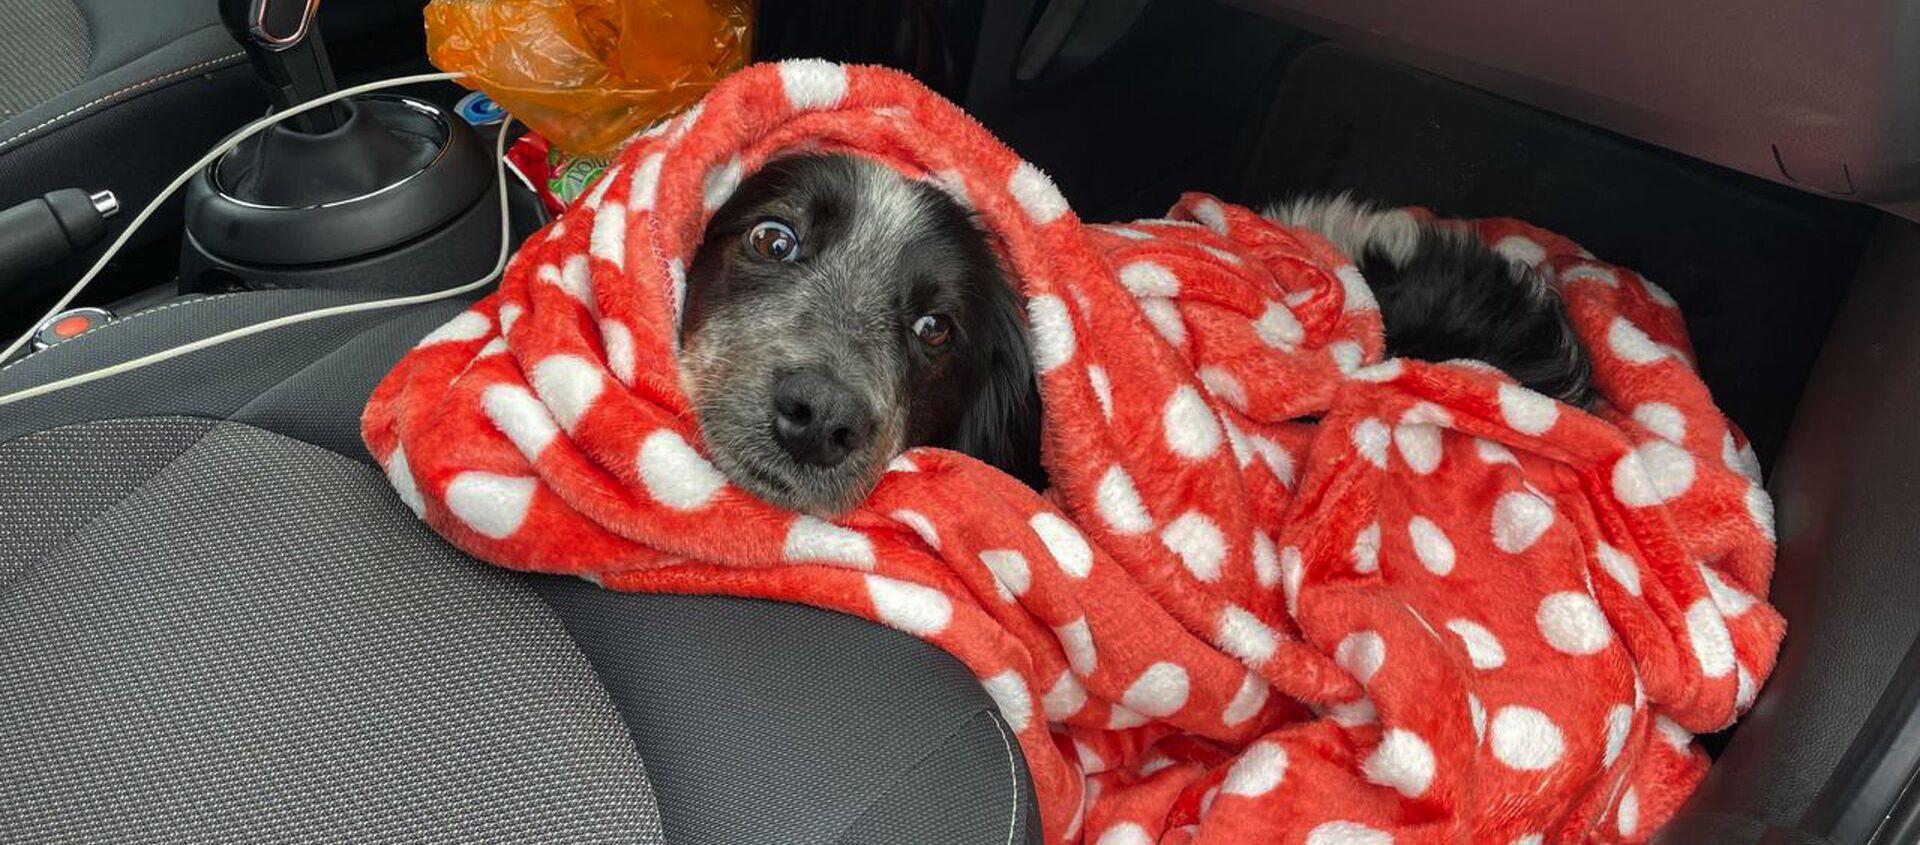 Бездомные собаки из Абхазии  - Sputnik Абхазия, 1920, 25.04.2021